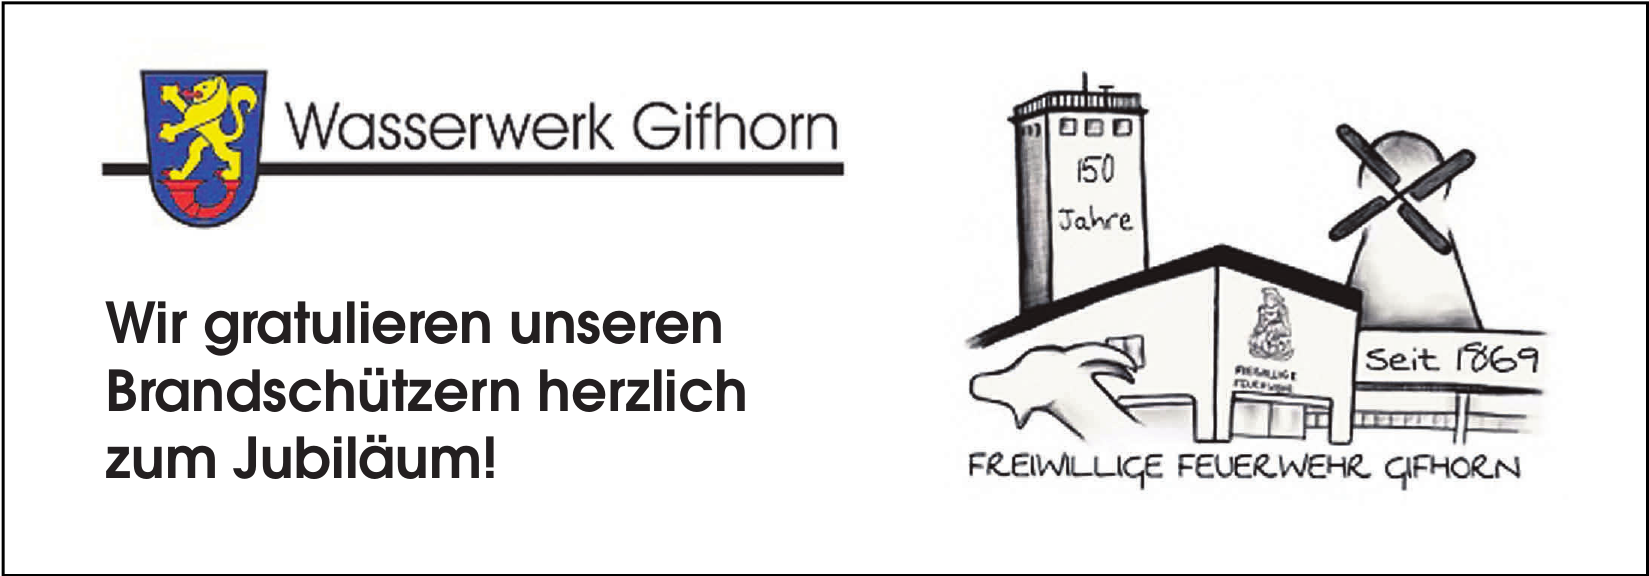 Wasserwerk Gifhorn